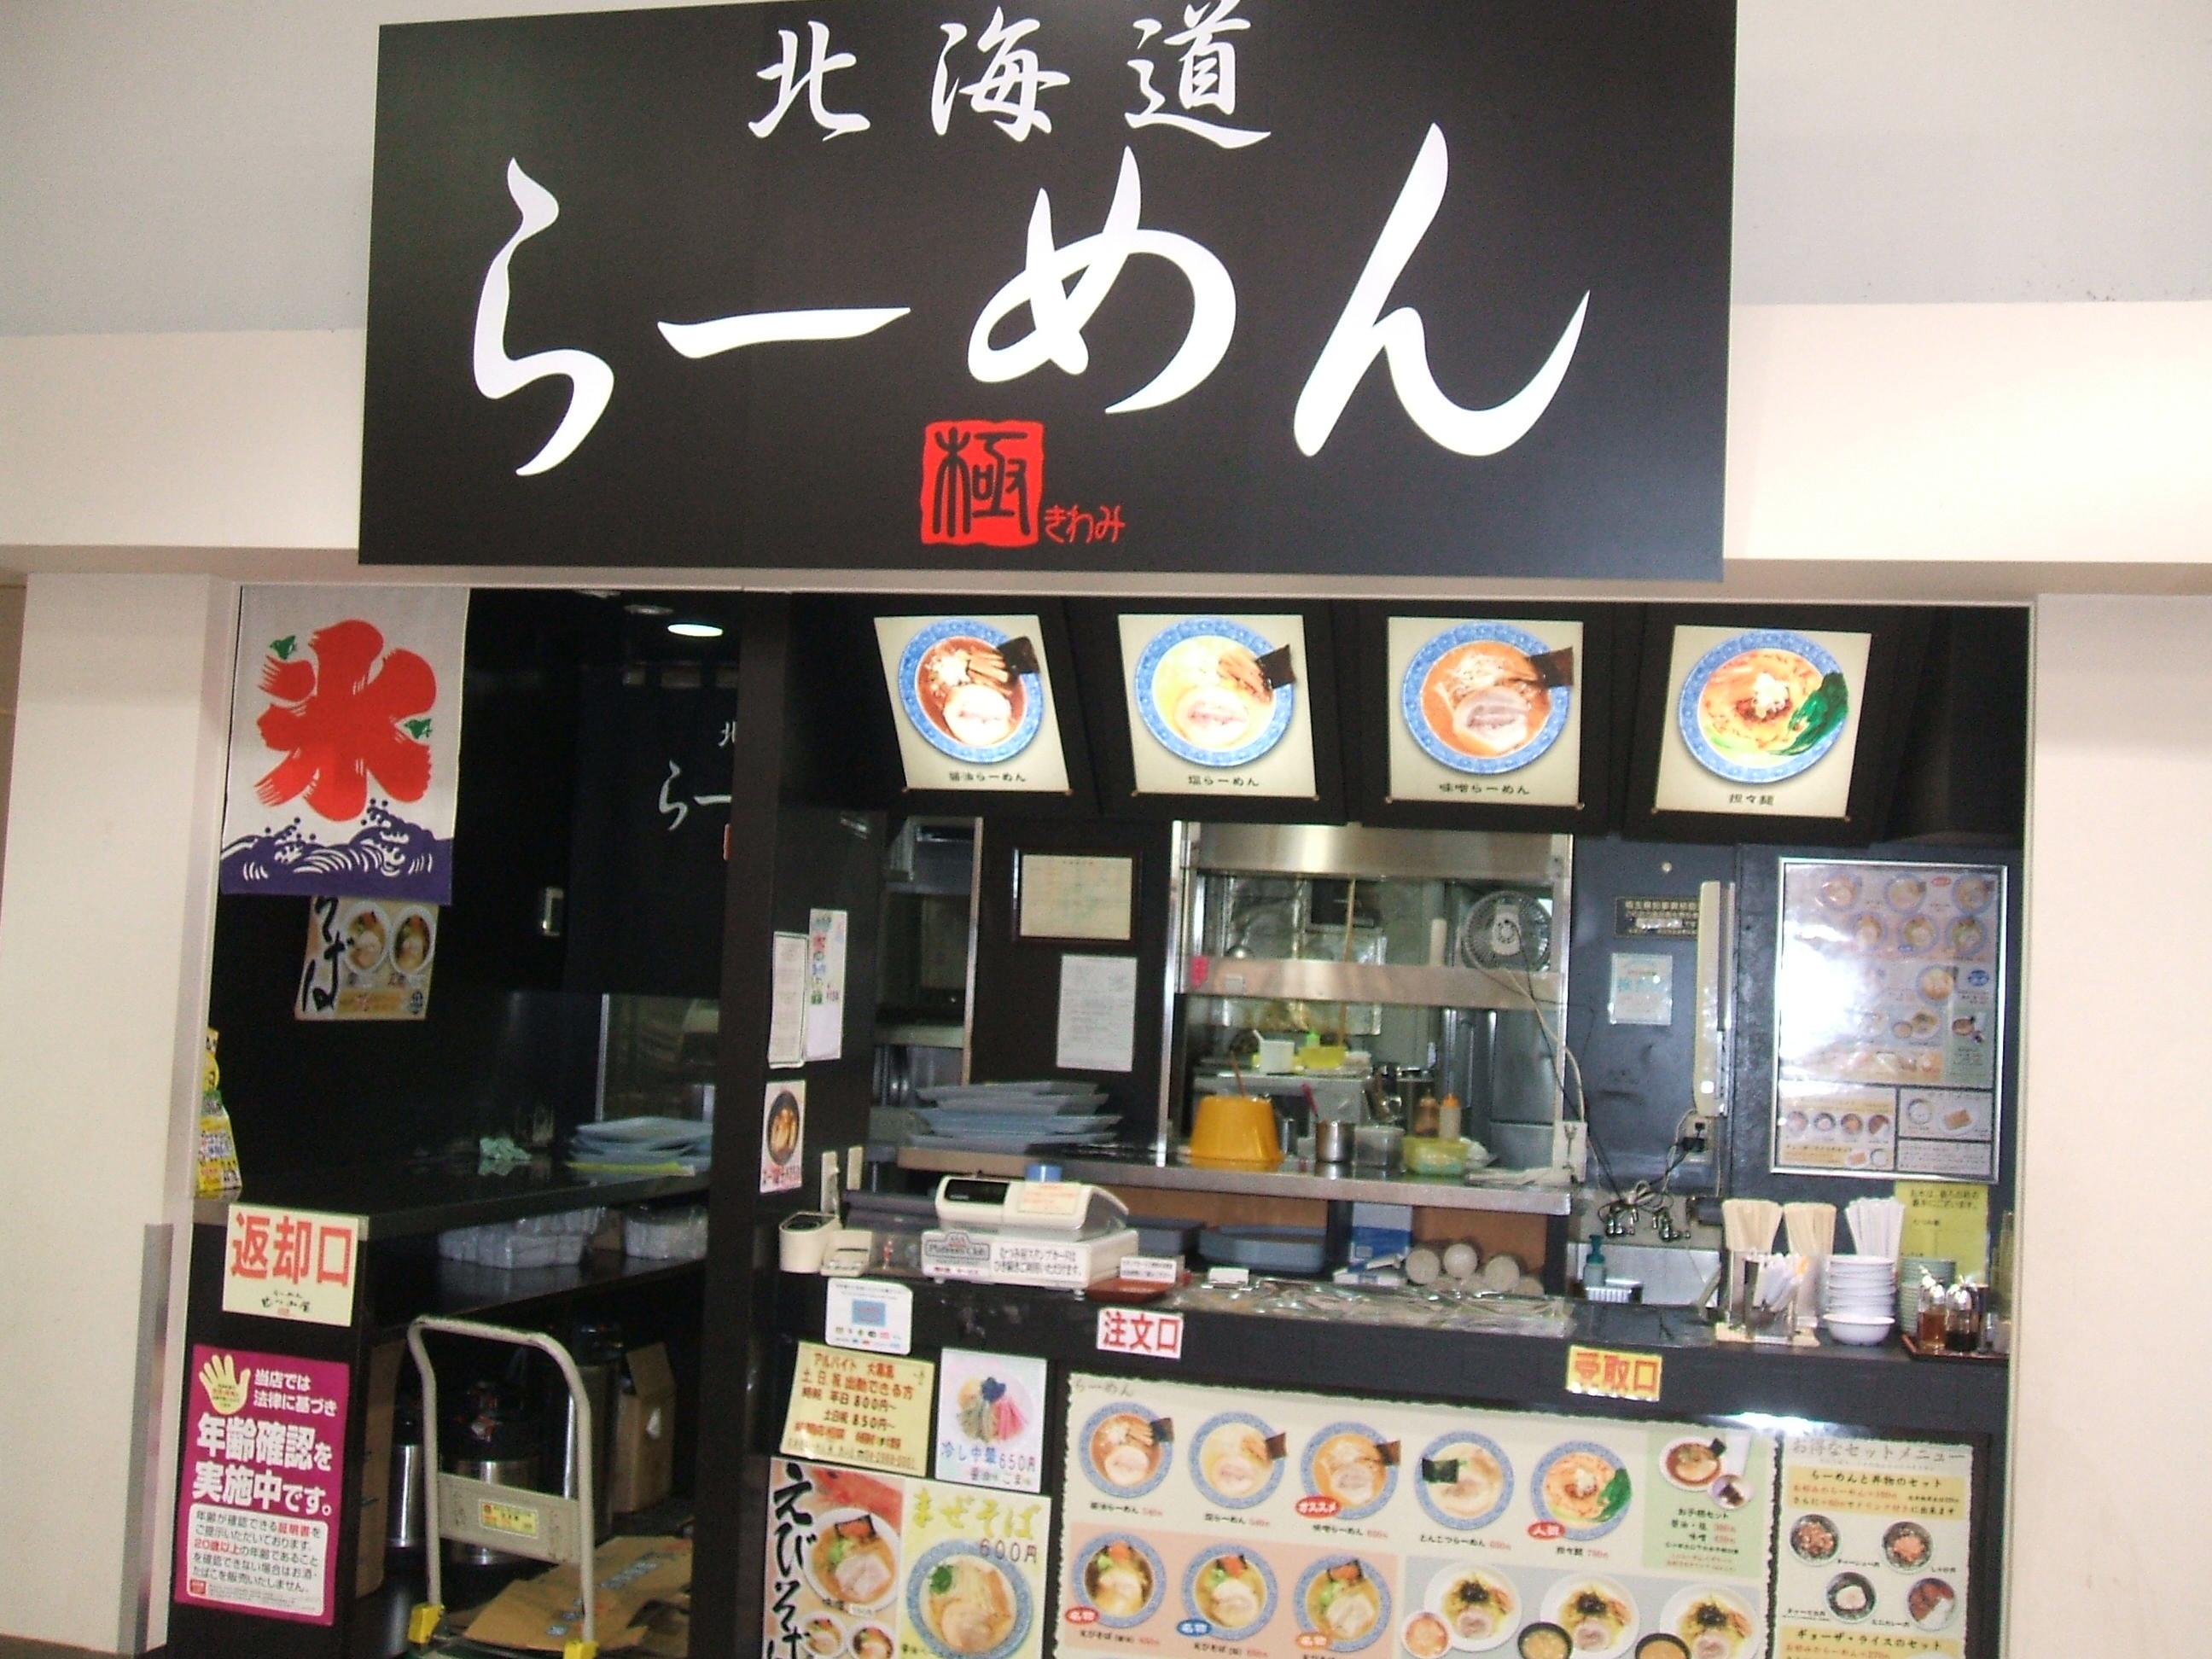 北海道らーめん 極 イオン狭山店 のアルバイト情報